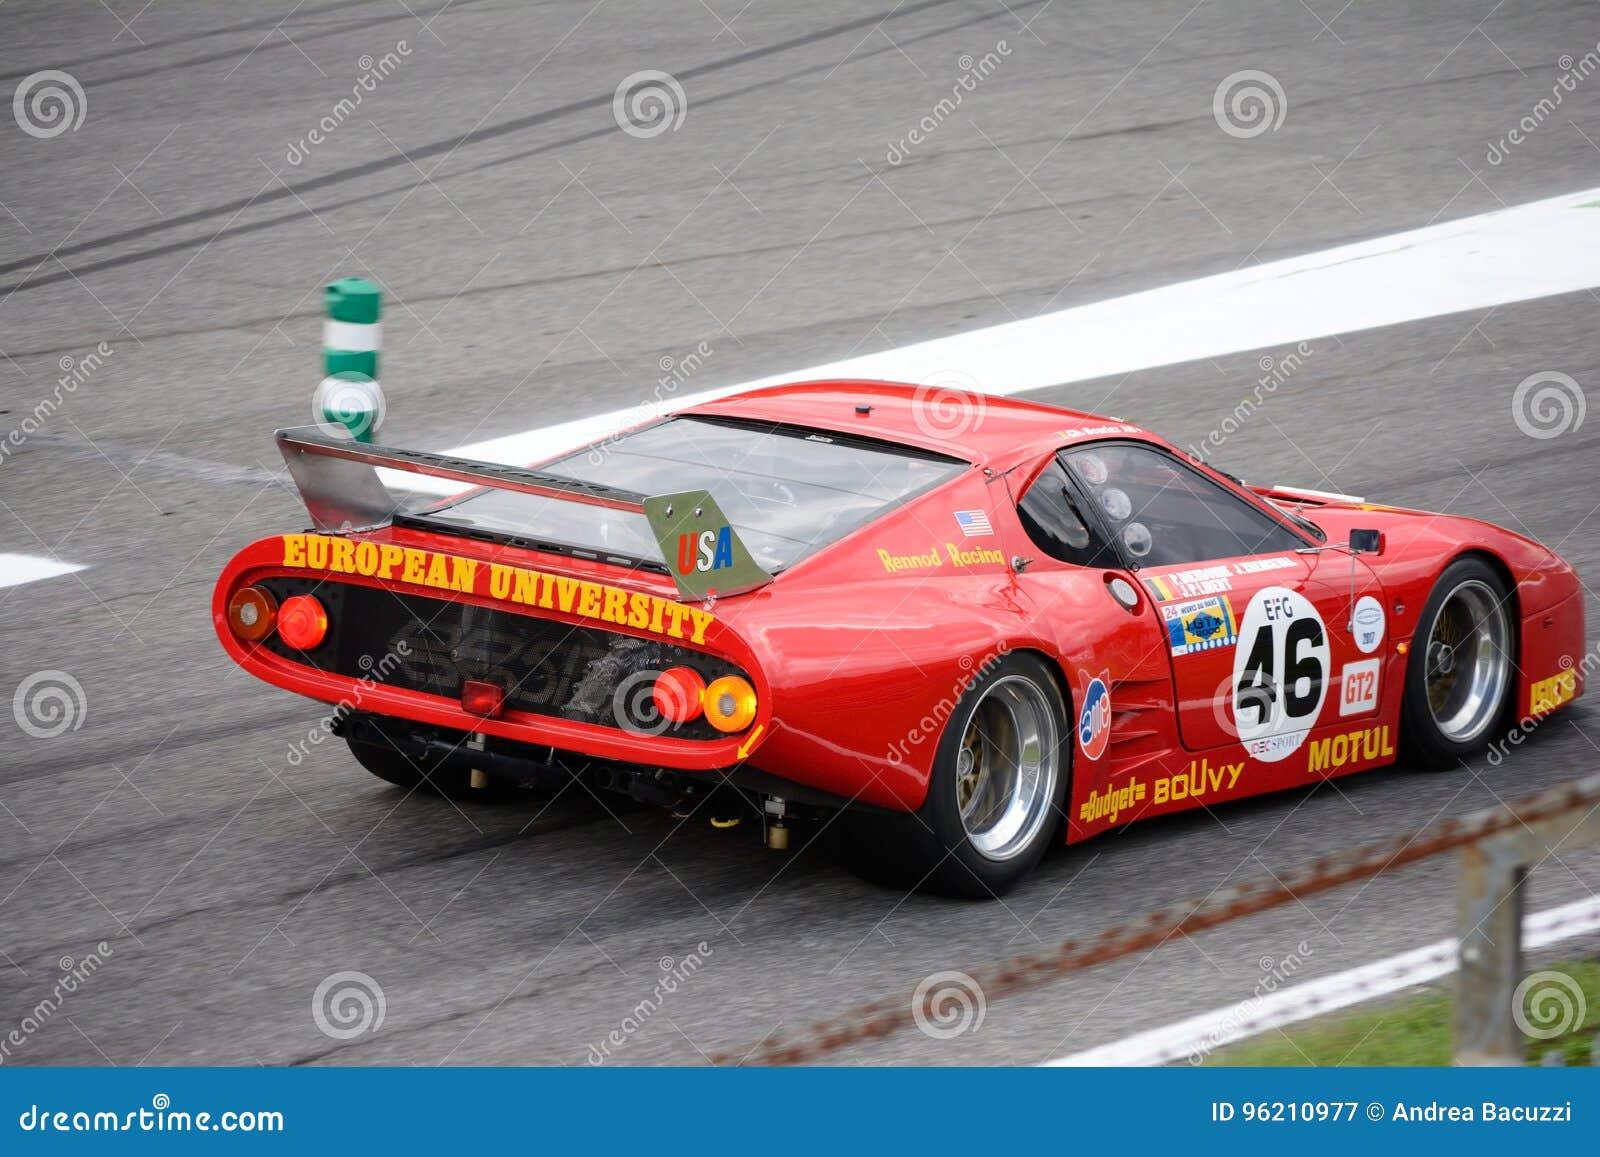 Rennod Laufendes Ferrari 512 Bb Lm Redaktionelles Stockfotografie Bild Von Anzeige Erbauer 96210977